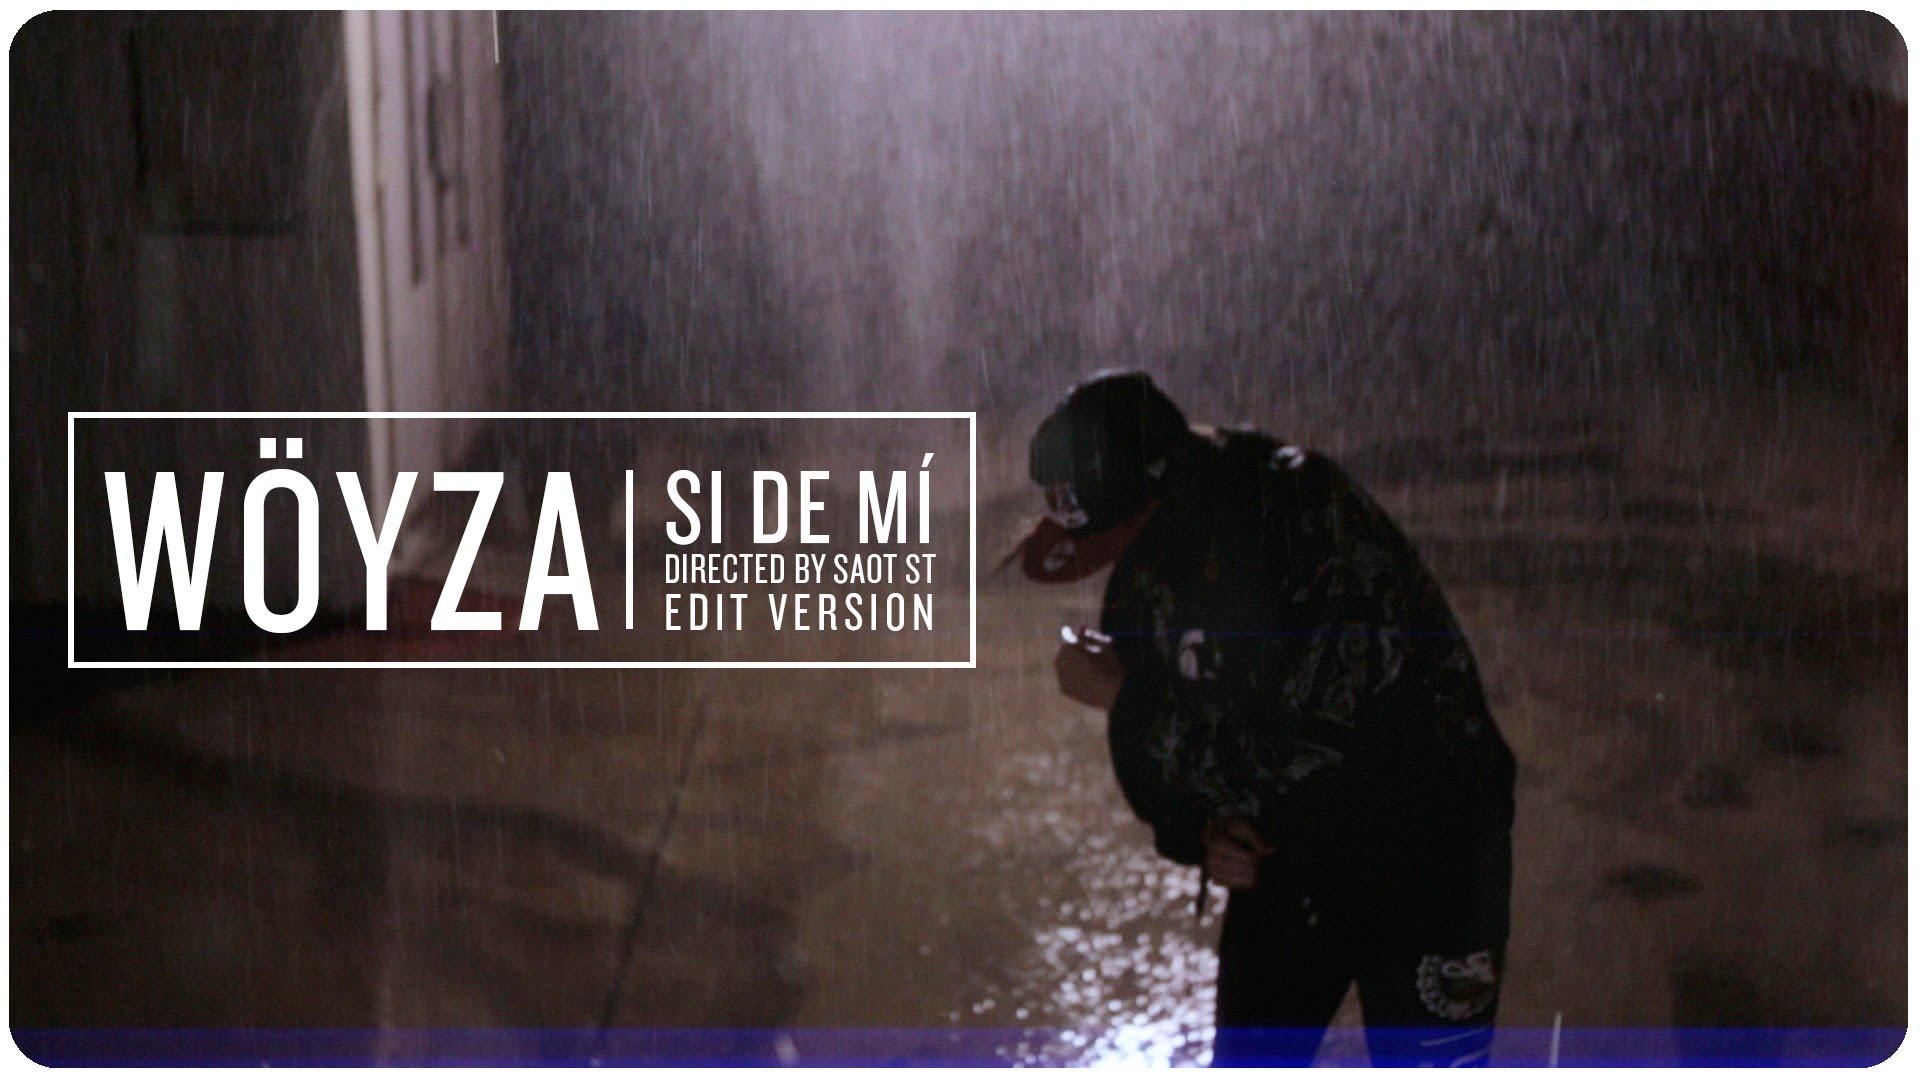 Wöyza – Si de mí